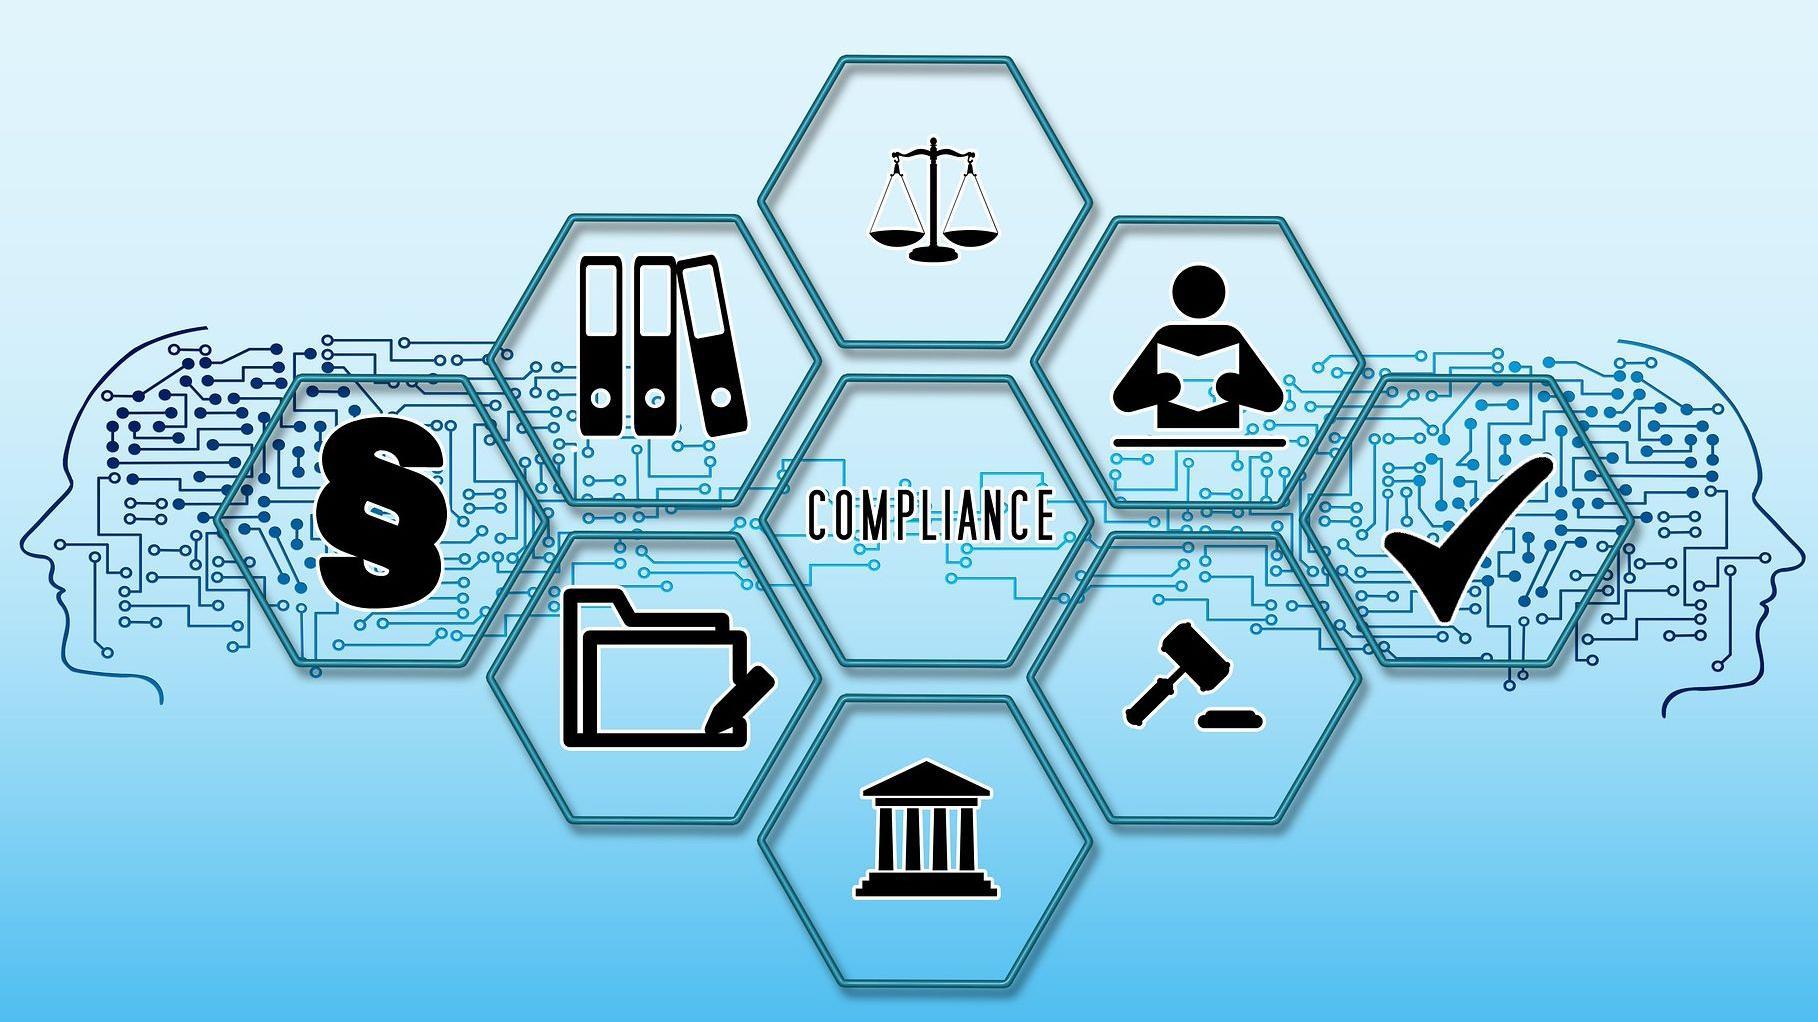 Zwangsurlaub durch Arbeitgeber: Unter gewissen Voraussetzungen ist das erlaubt und in manchen Branchen als Betriebsferien üblich.